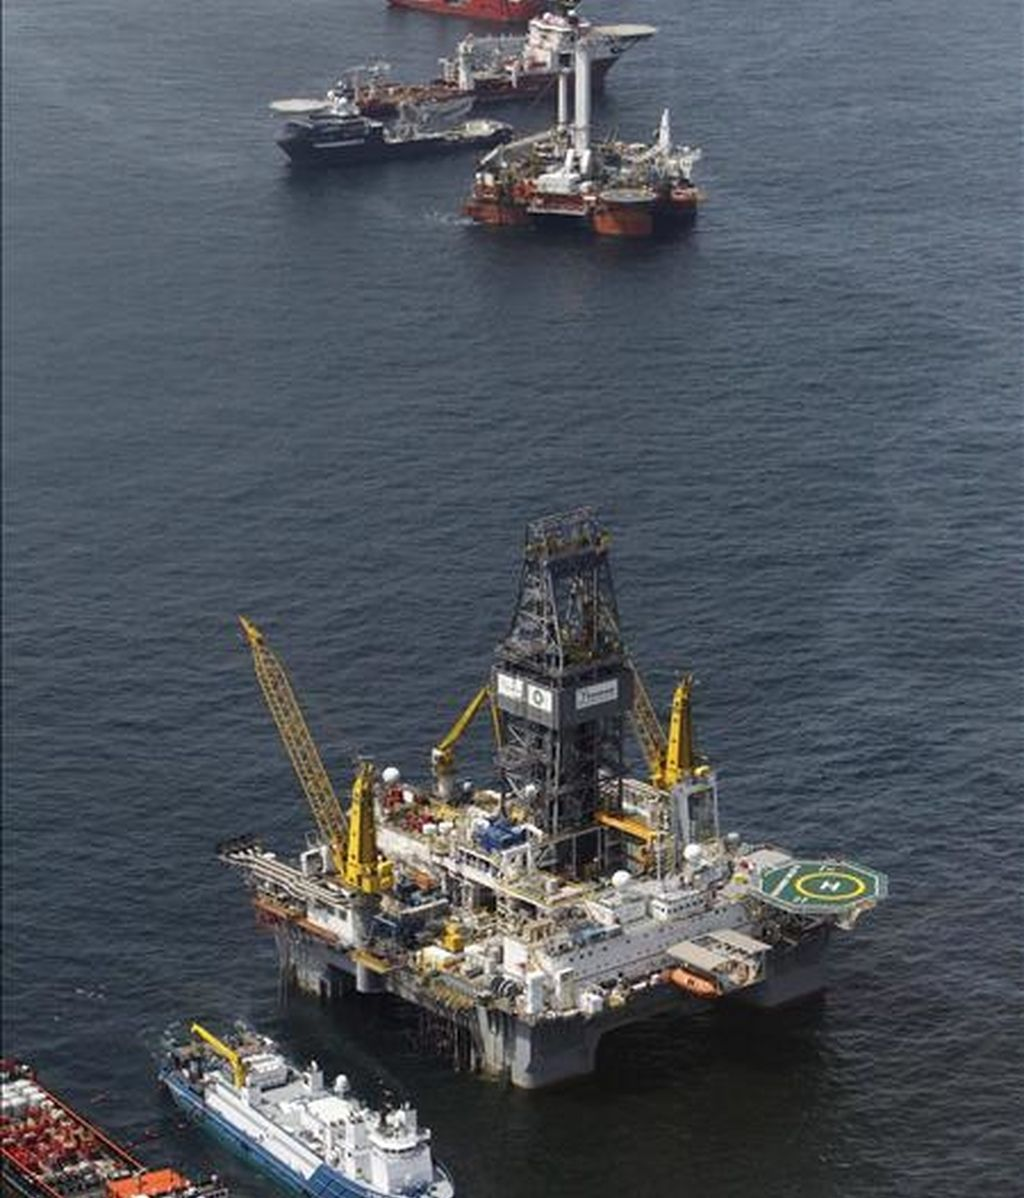 Vista del Development Driller III de perforación, que trabaja en el pozo principal de alivio en el sitio del Deepwater Horizon en el Golfo de México, Luisiana (EEUU). EFE/Archivo